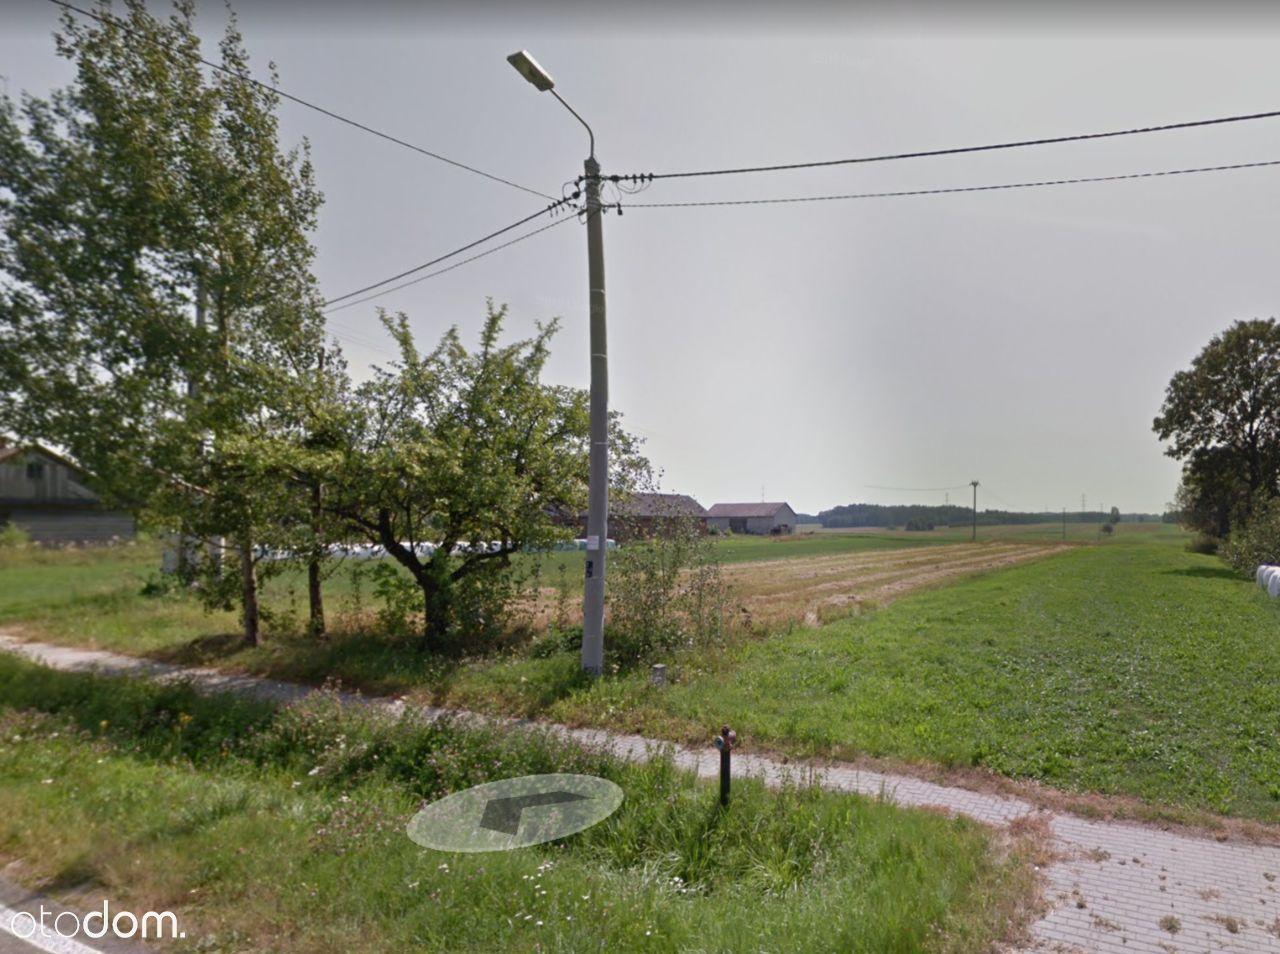 Działka rolna-budowlana, w pełni uzbrojona.